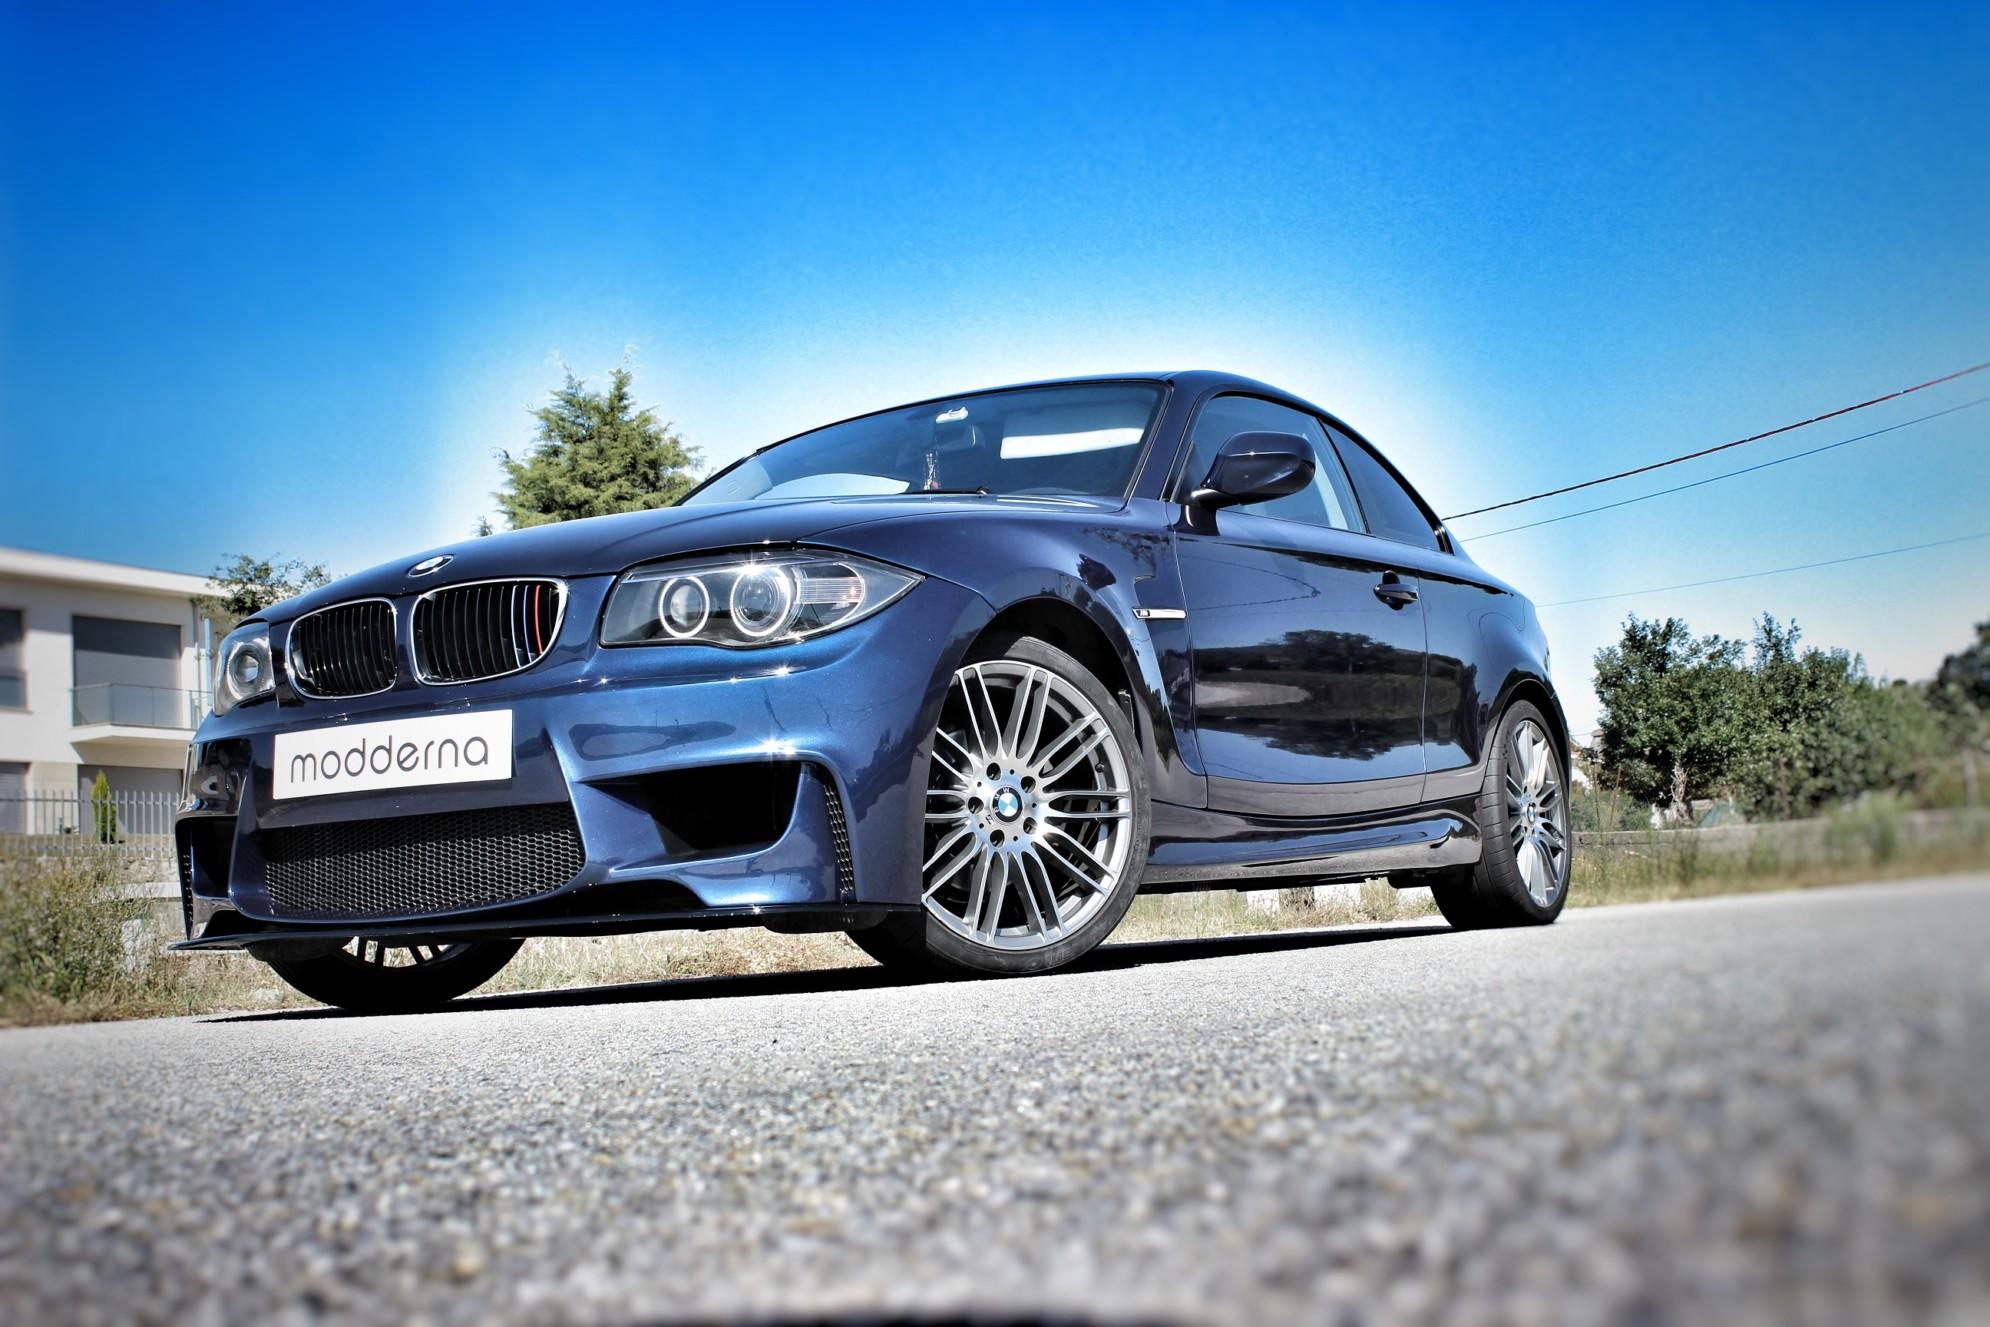 BMW E82 1M by Modderna